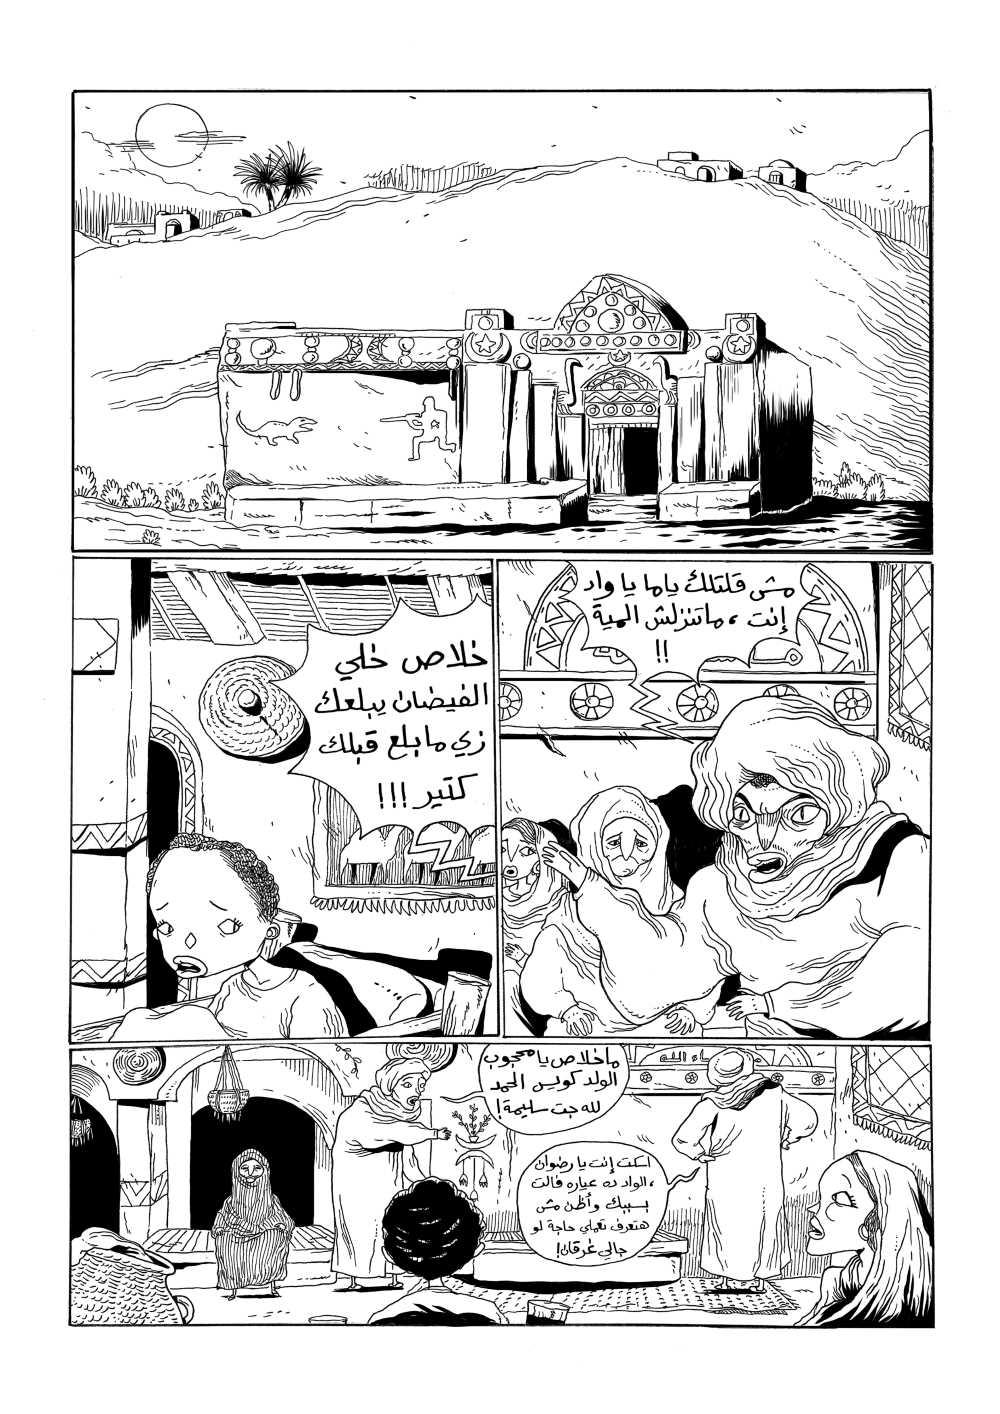 Illustration Hudhud al-Ghusn